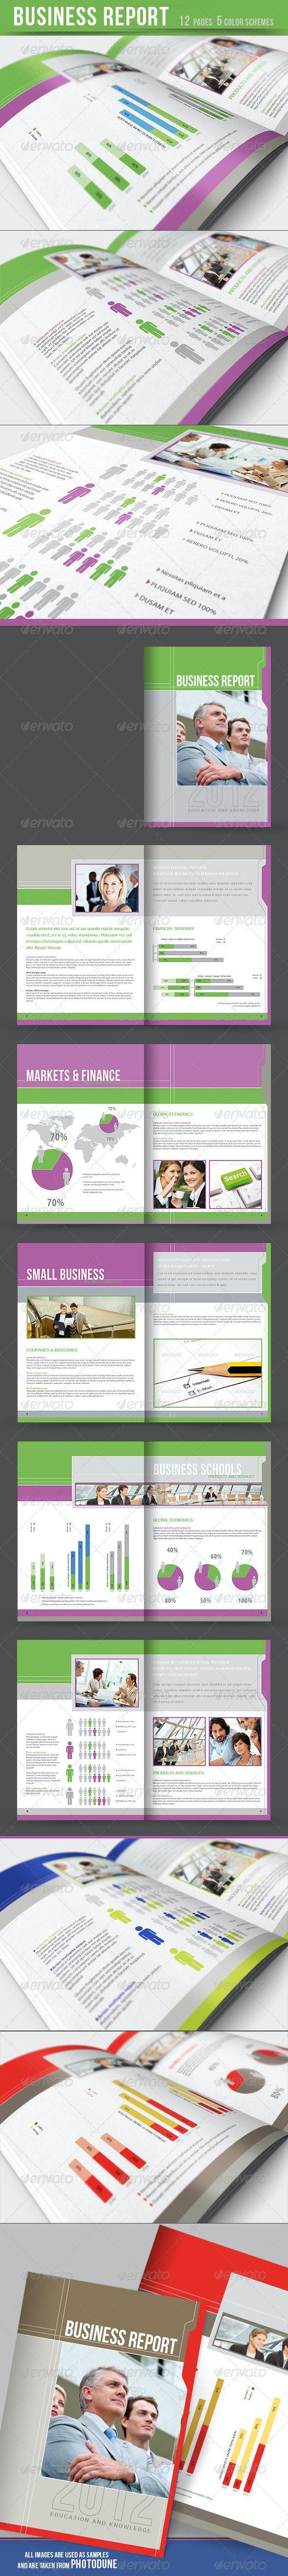 Business Report - Brochure - 5 color schemes - Corporate Brochures